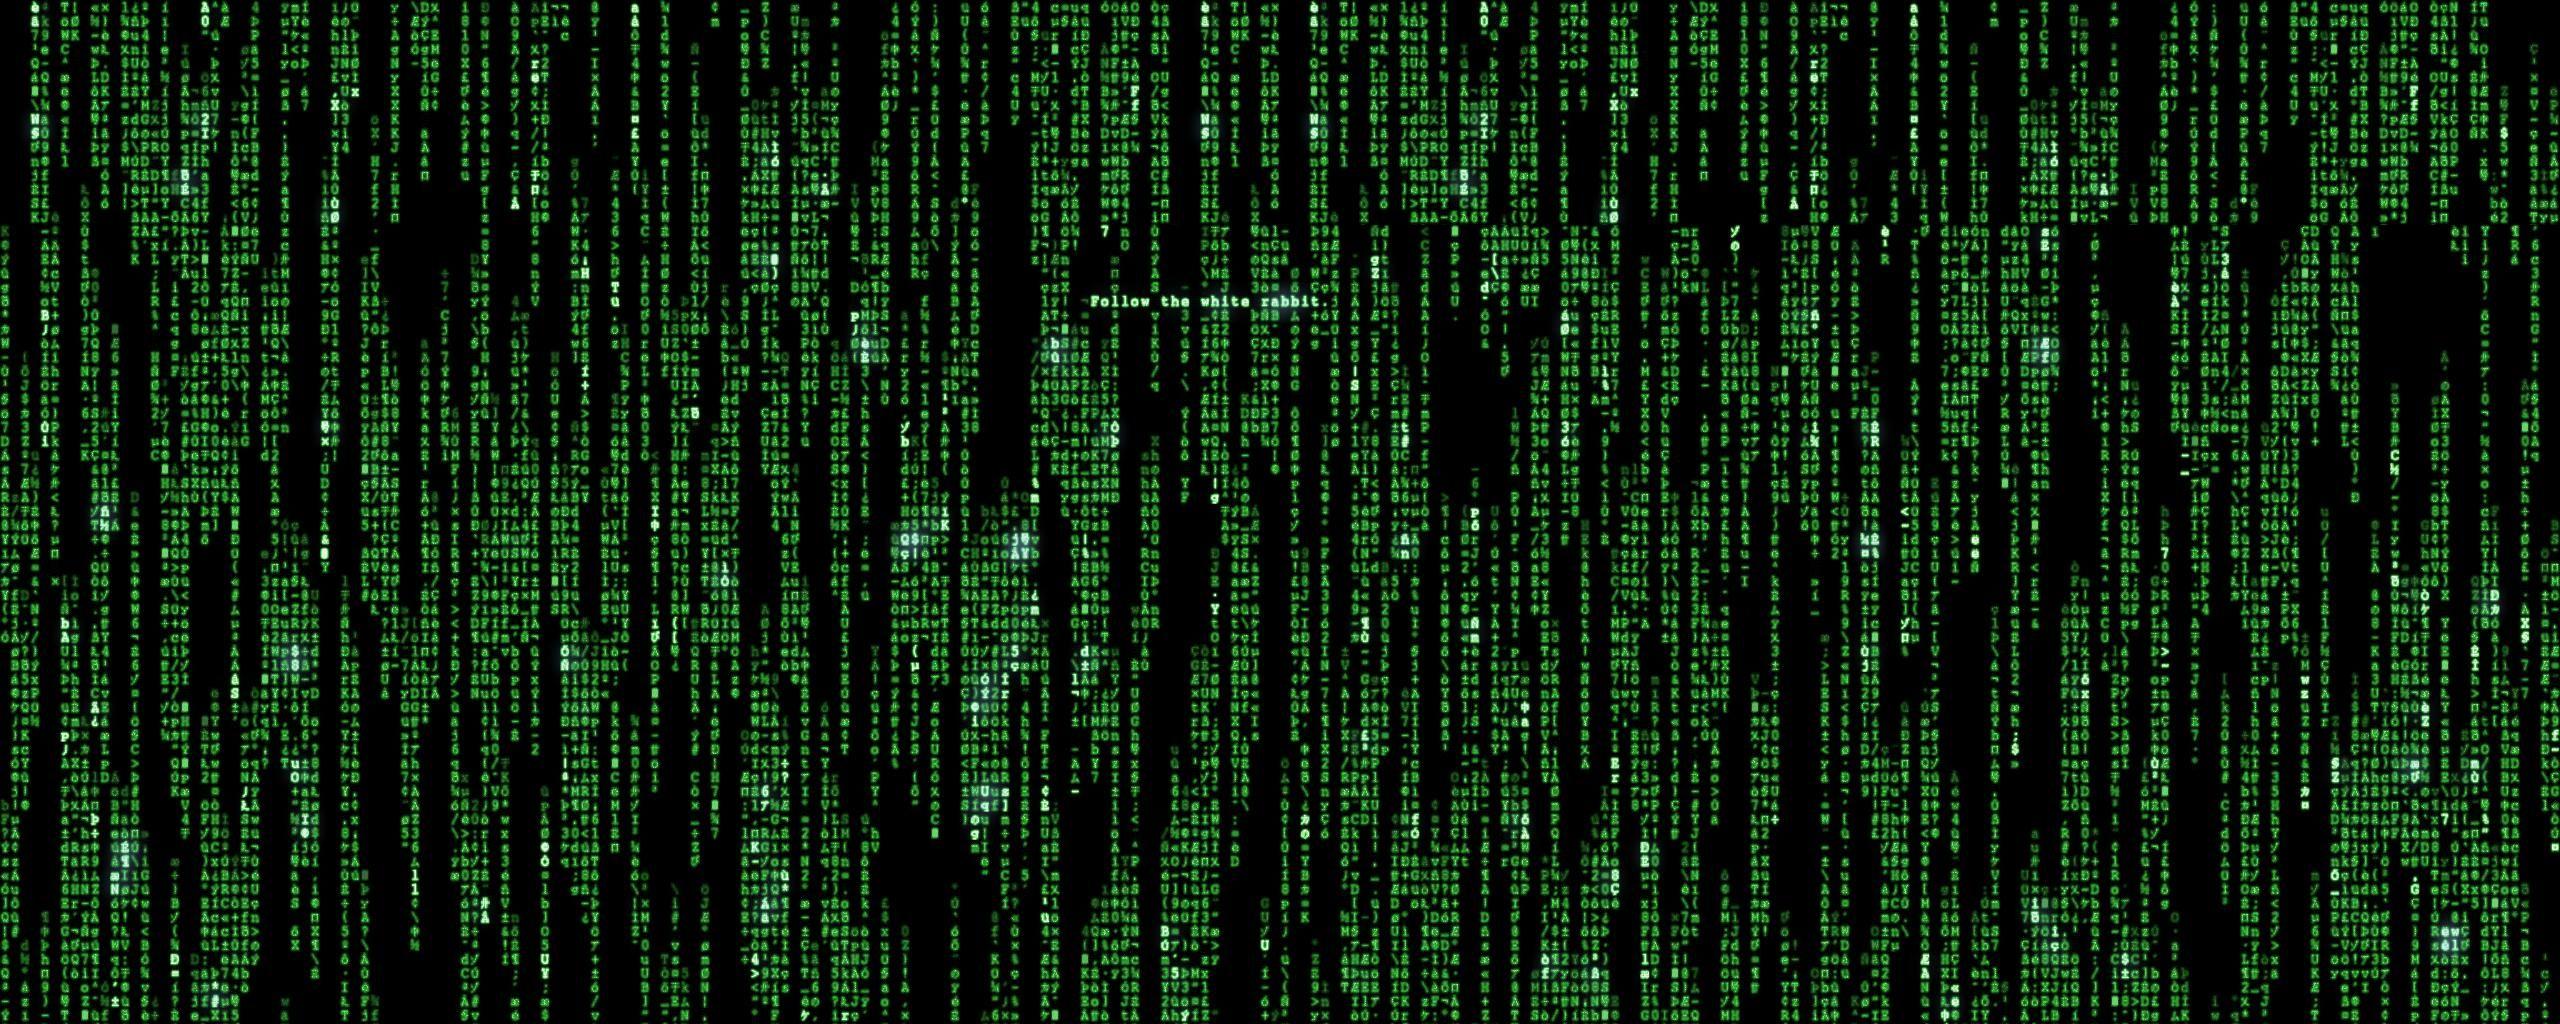 Matrix Movies wallpaper. Moving wallpapers, Dual monitor